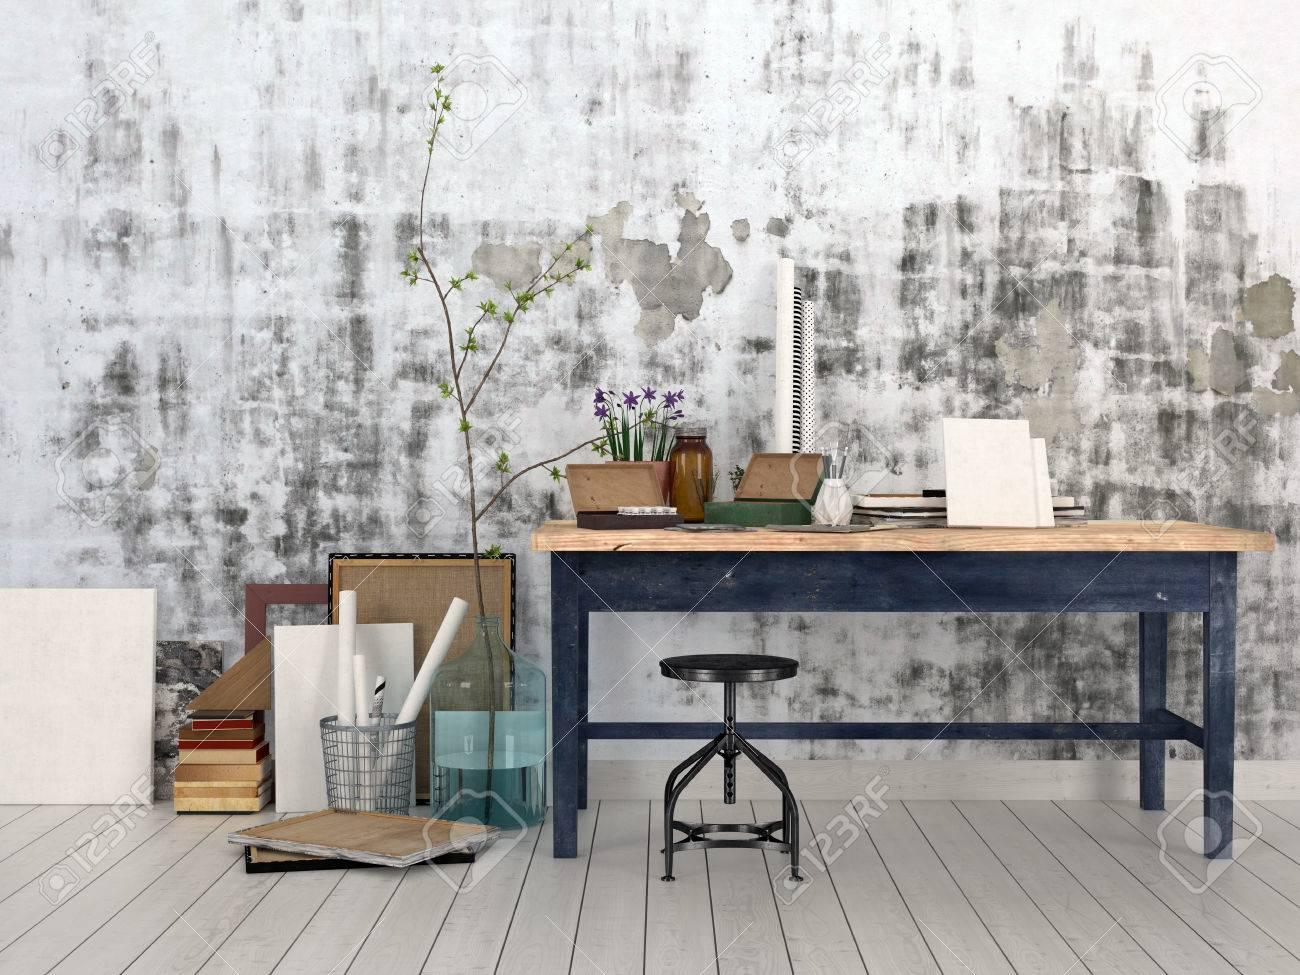 Innenraum Eines Künstler Oder Designer Studio Mit Leeren Leinwände ...